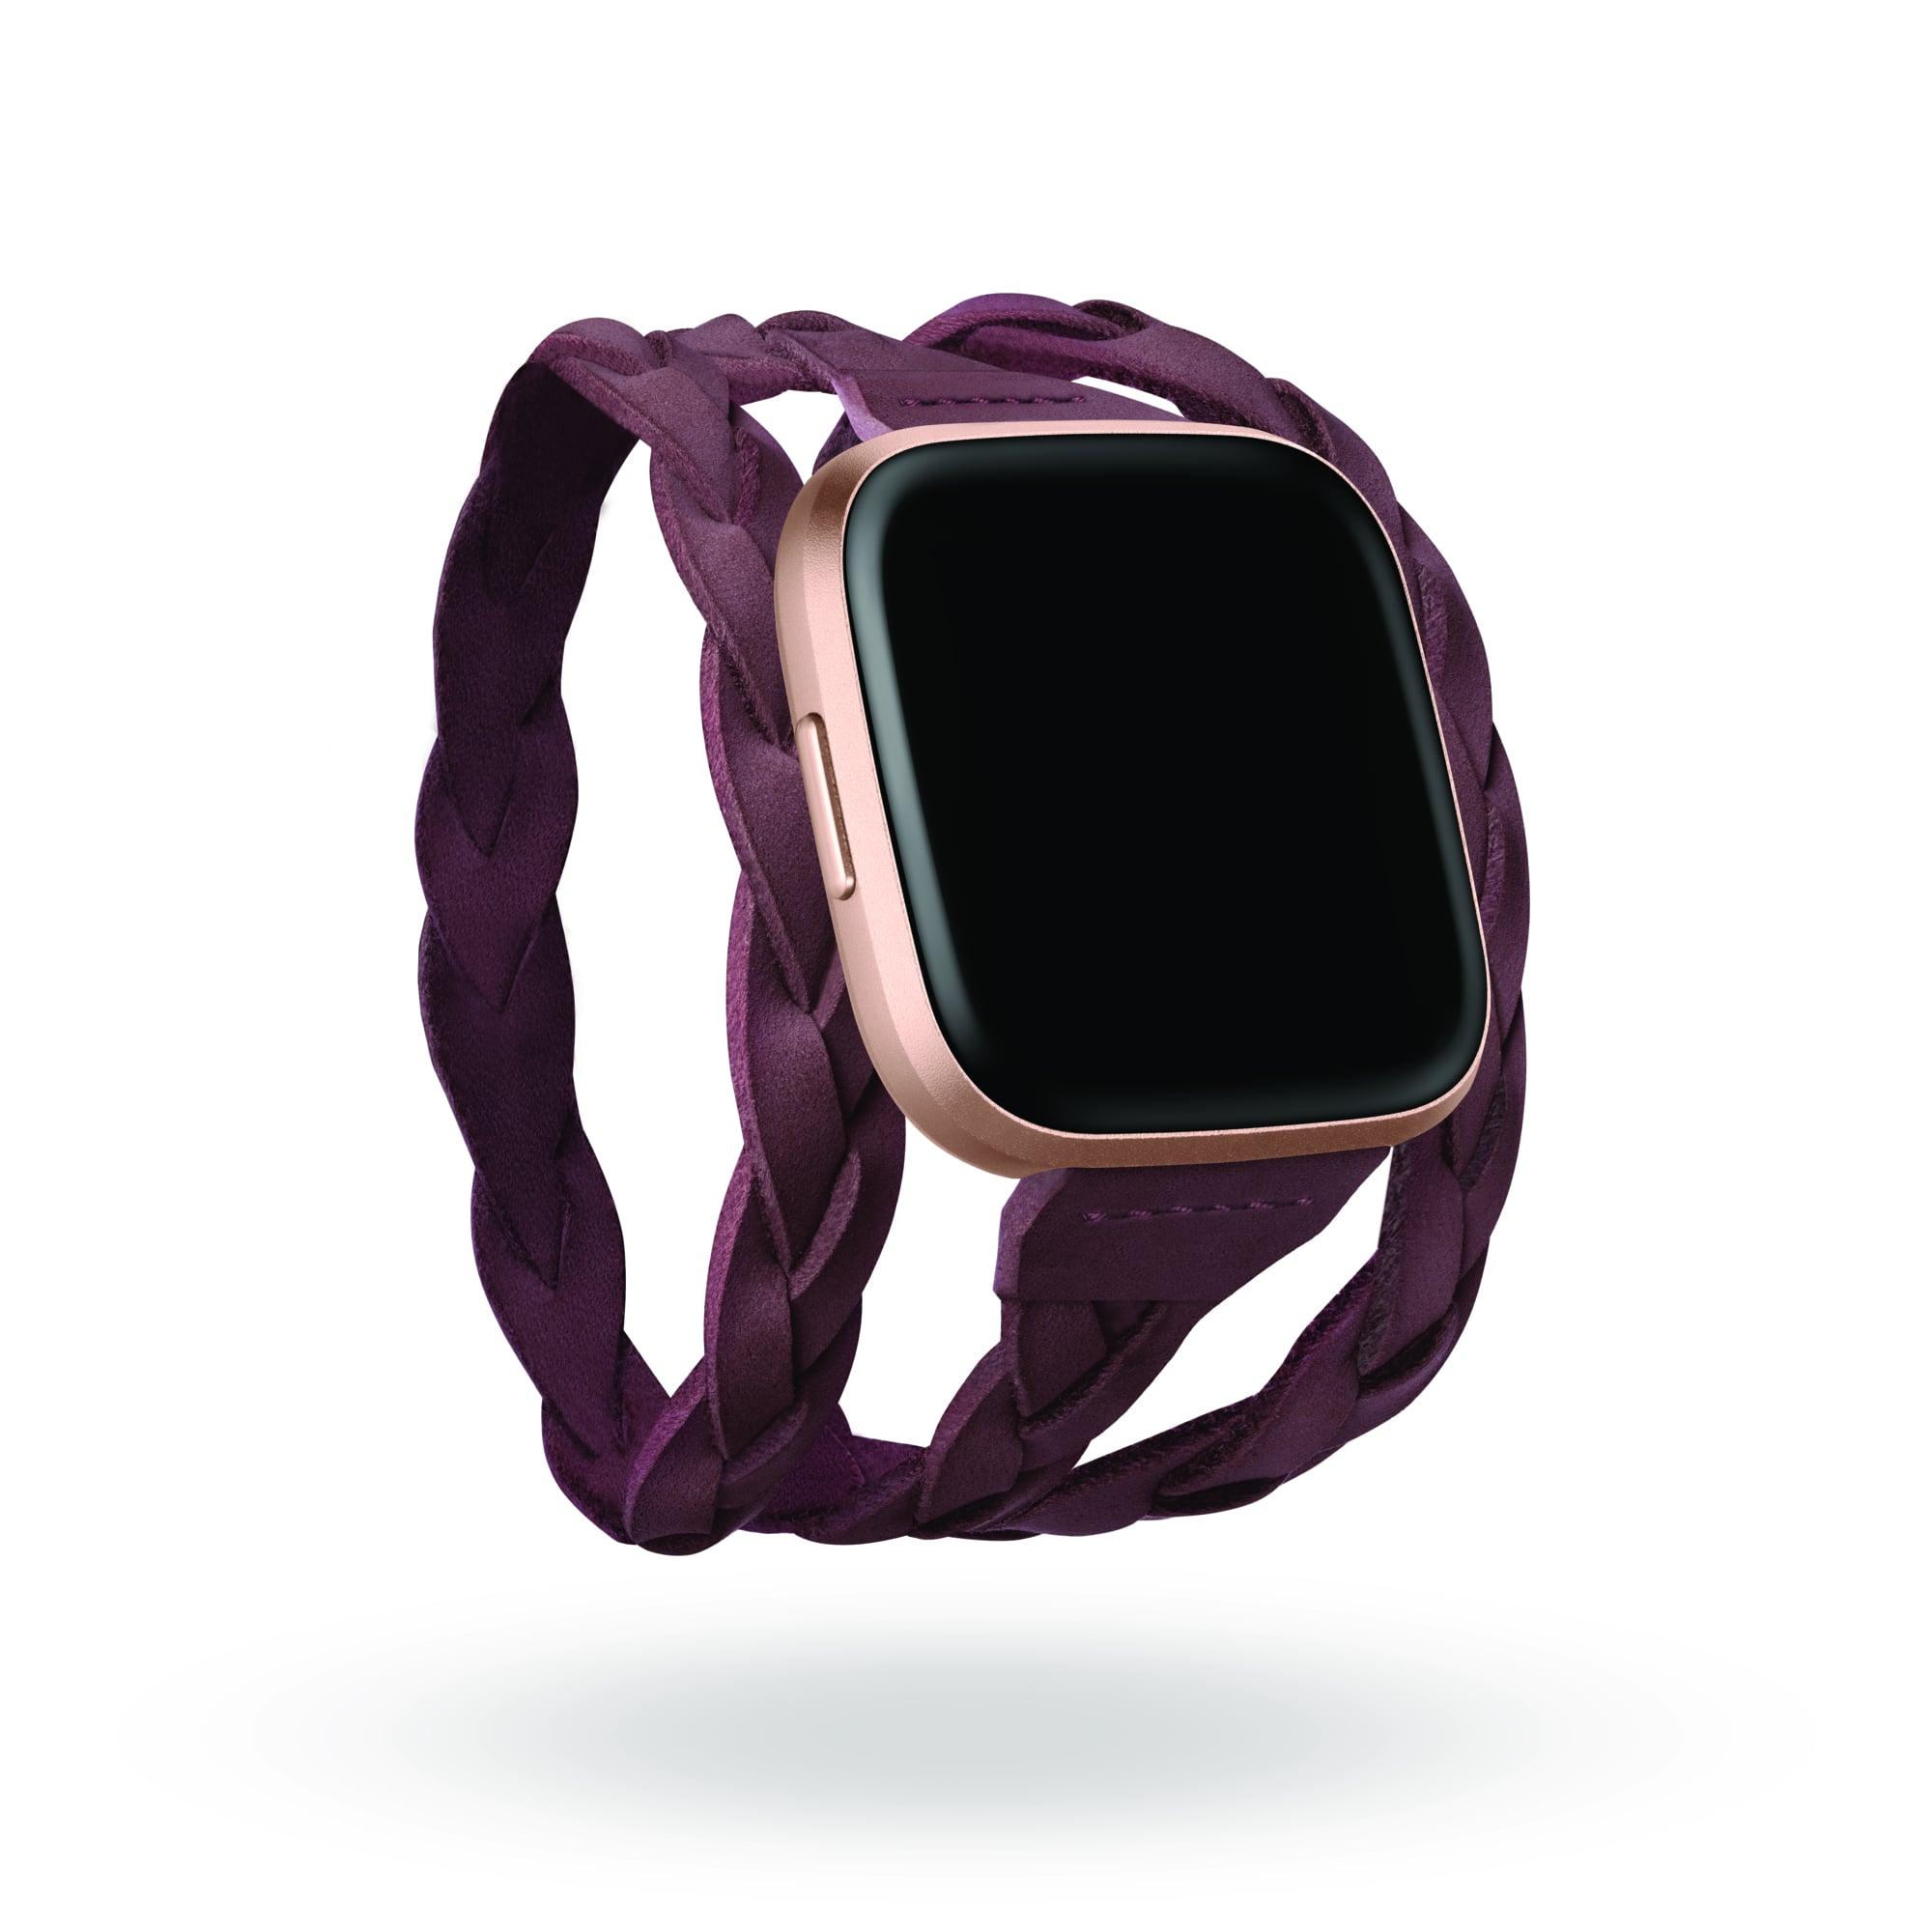 Fitbit x Kim Shui suede wrap bracelet in Merlot.